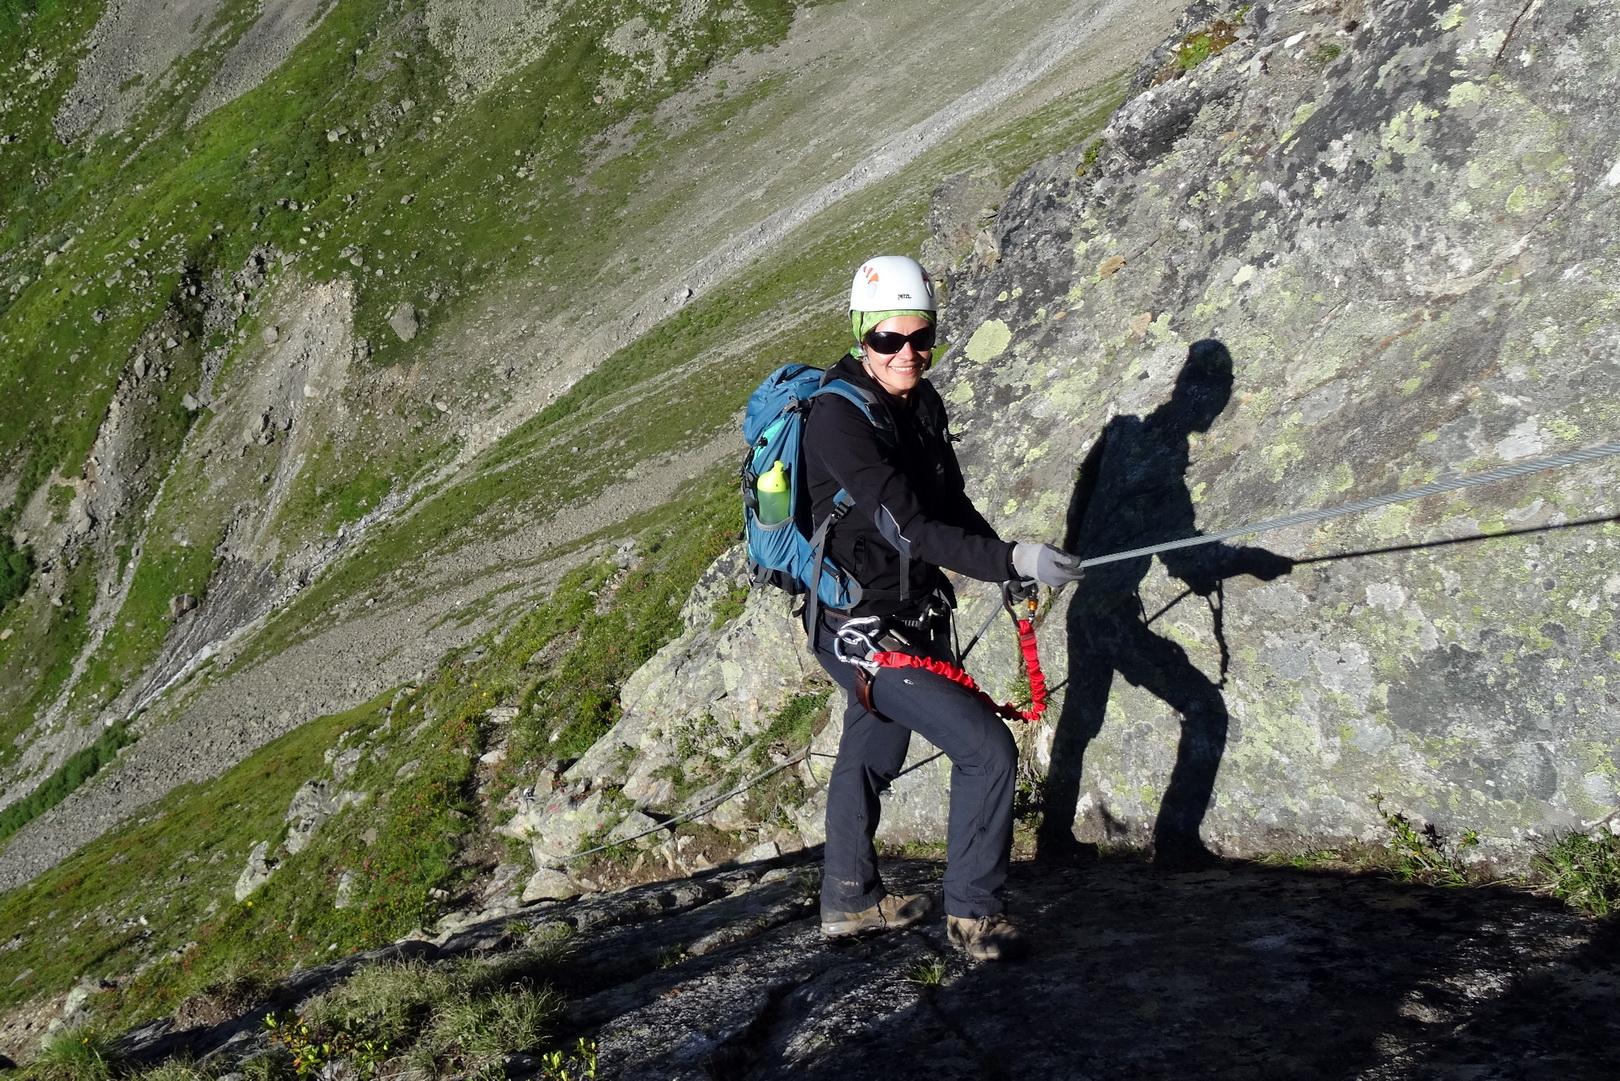 Klettersteig Oostenrijk : Einfacher klettersteig kleinbärenzinne im pitztal tirol